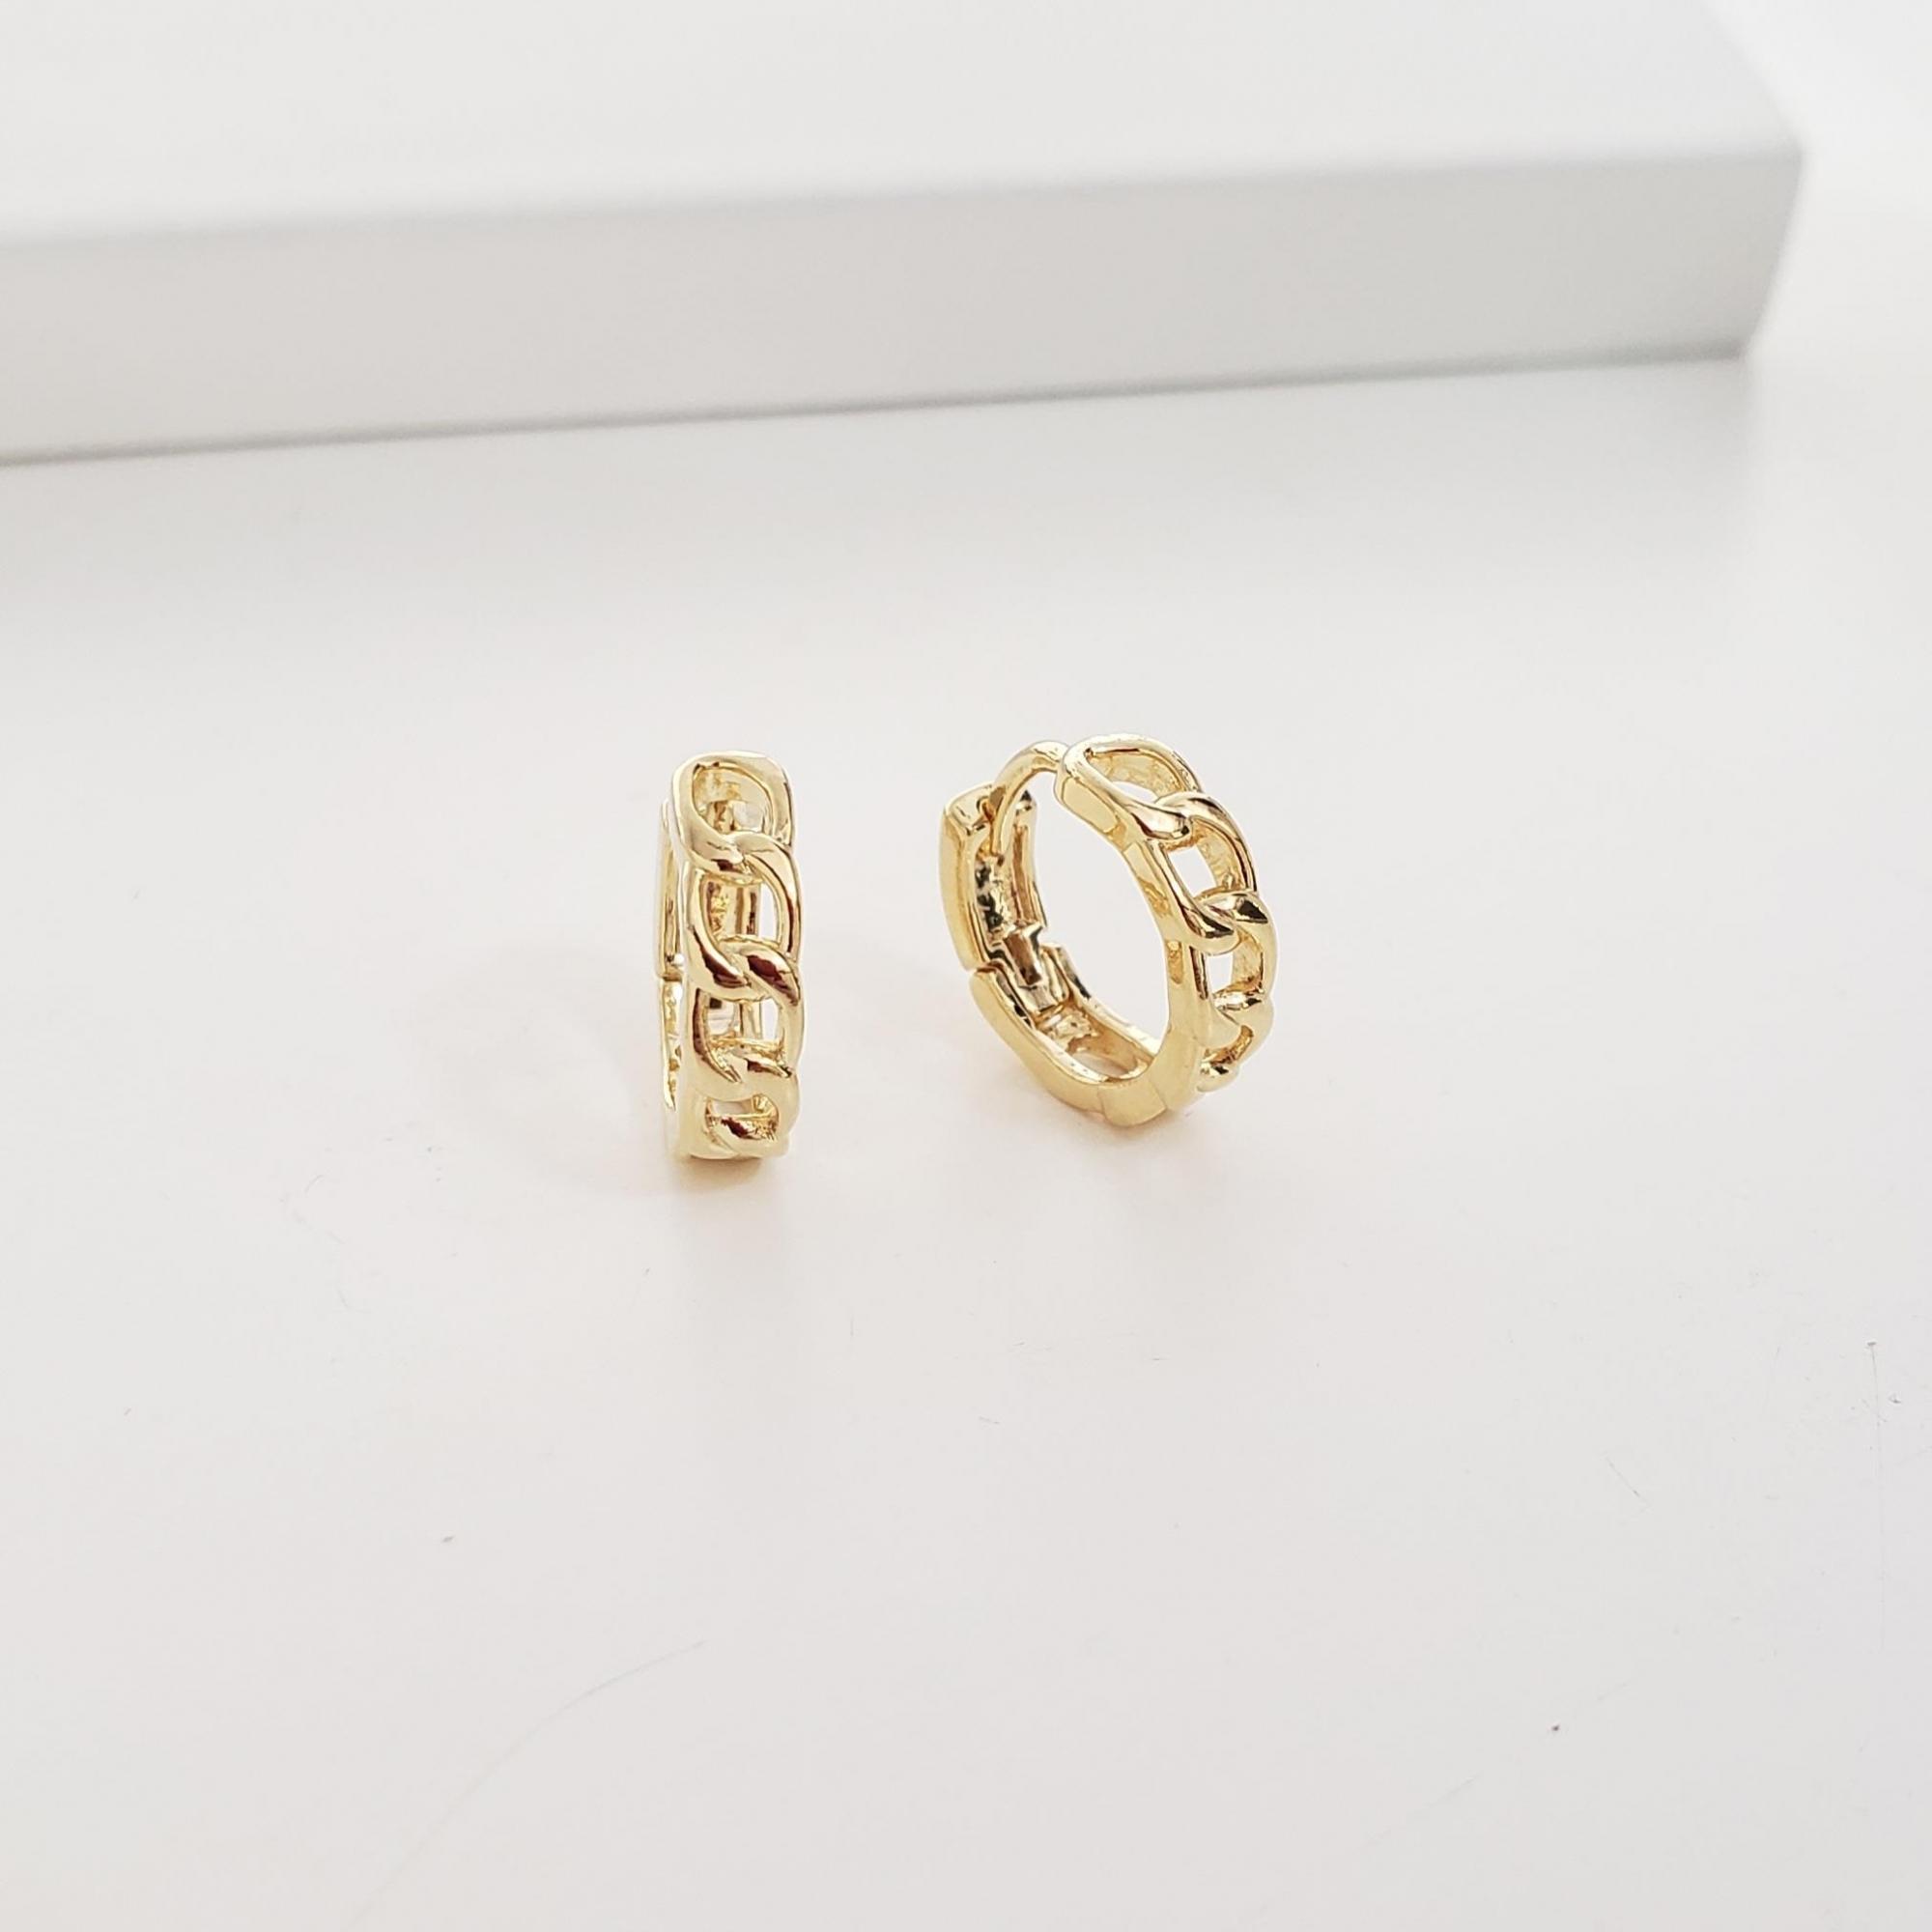 Brinco Argola 1,3cm Elos Cartier no Banho Ouro 18k Semijoia